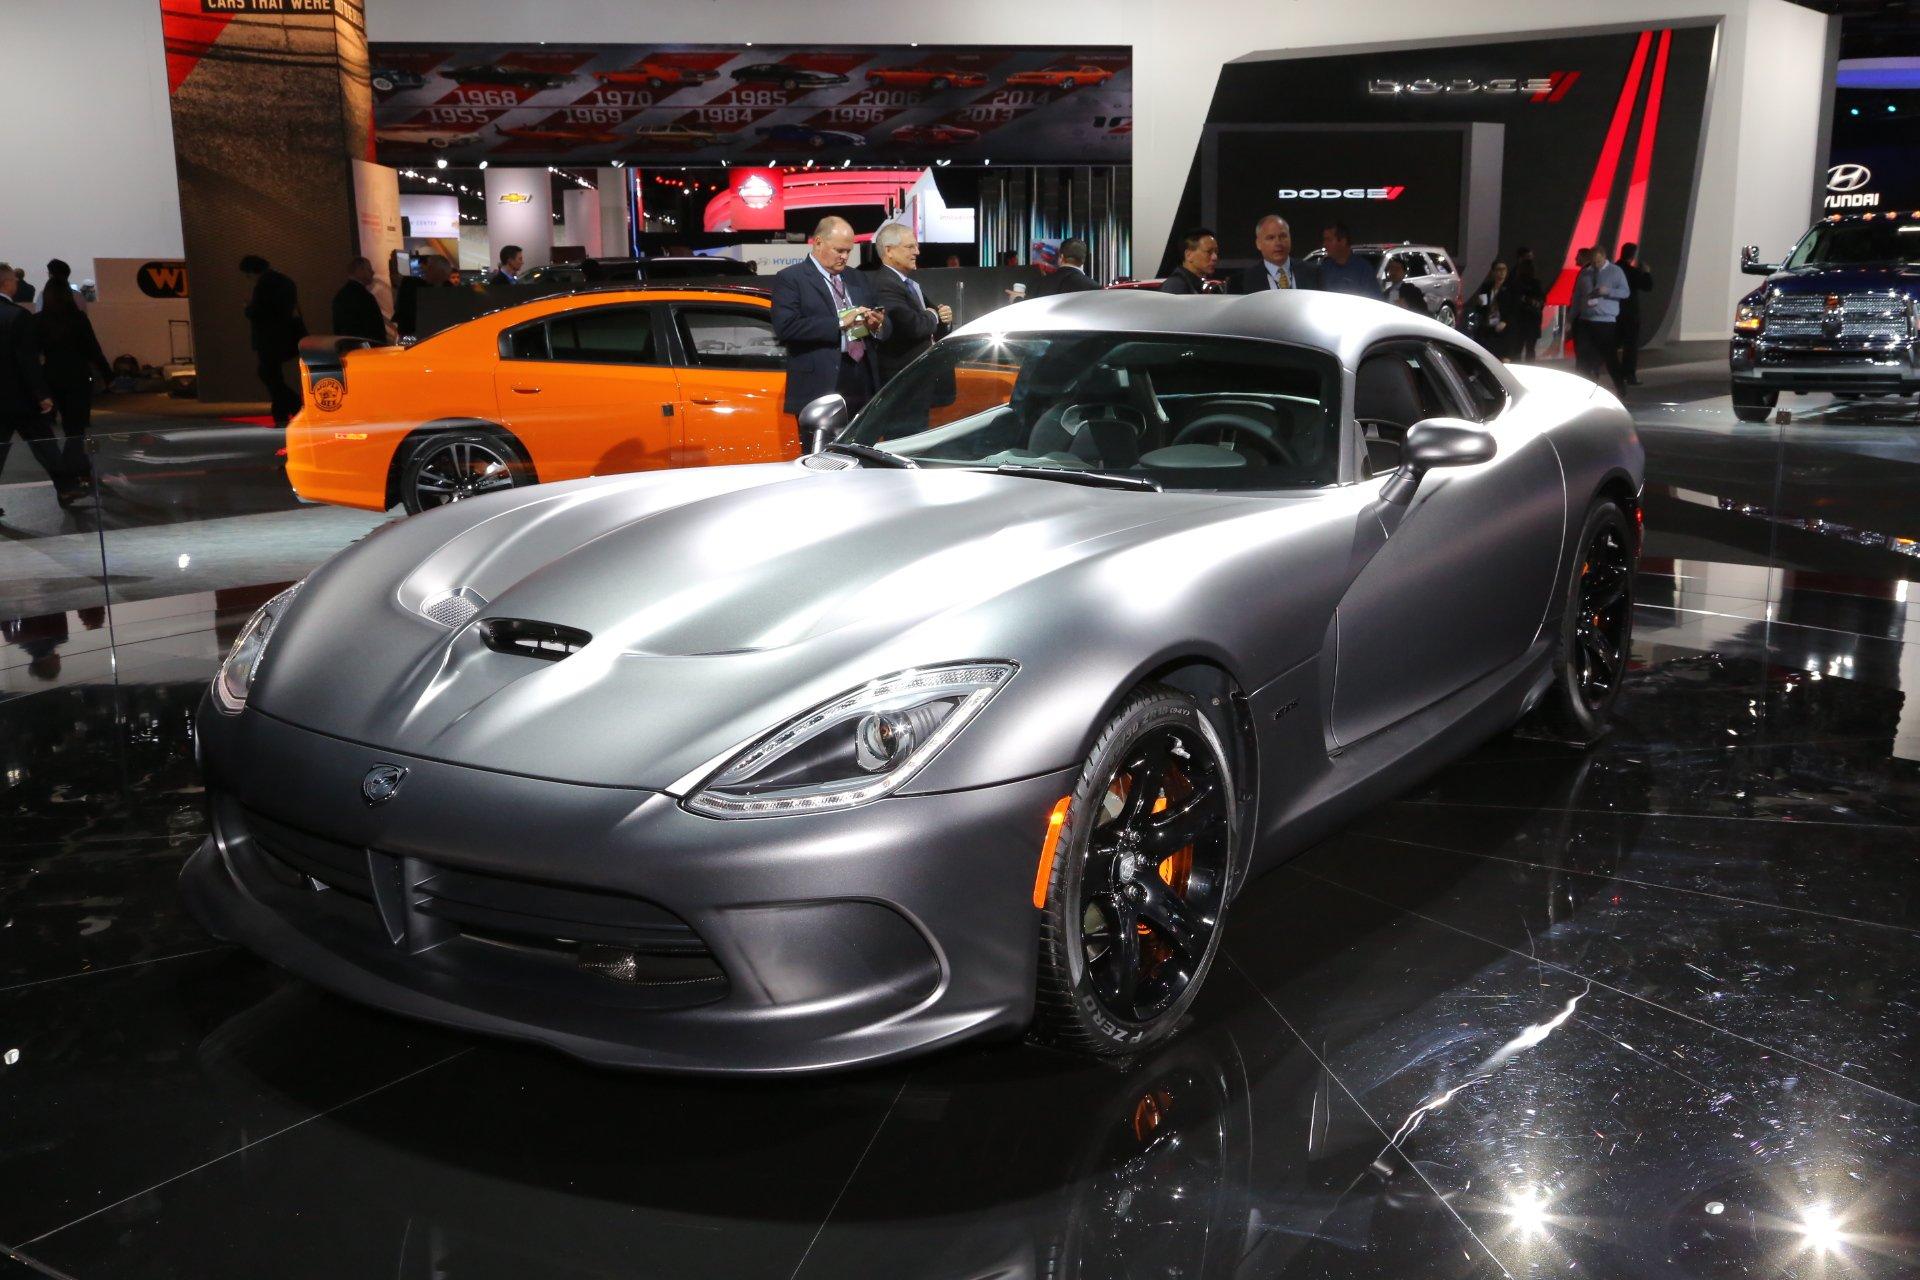 BangShift.com Dodge Ram Mopar Chrysler Detroit auto show